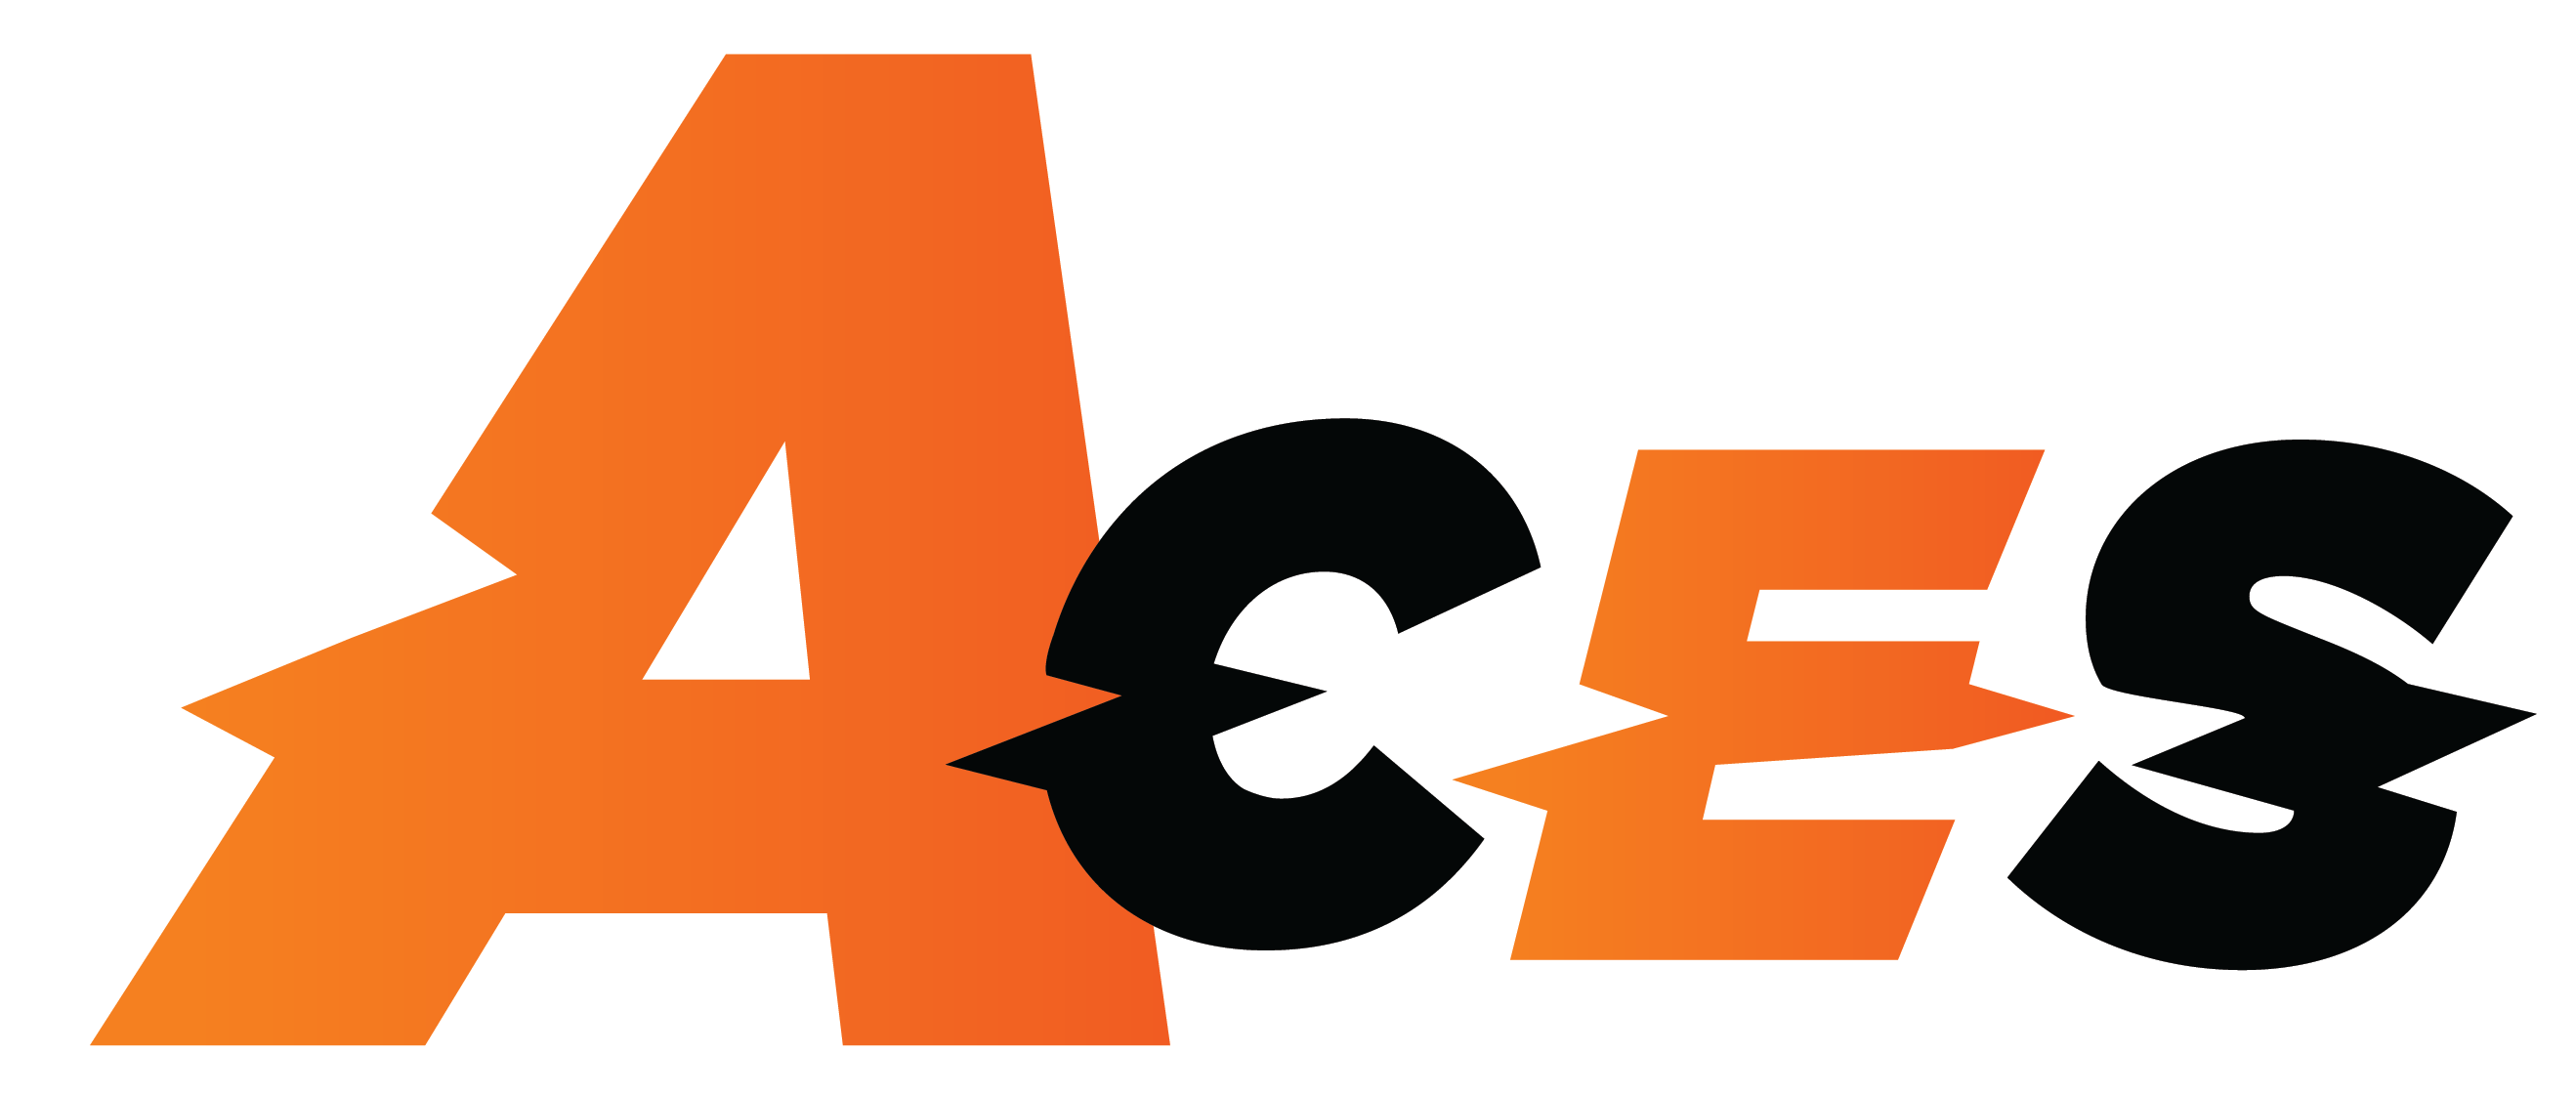 Orlando Aces